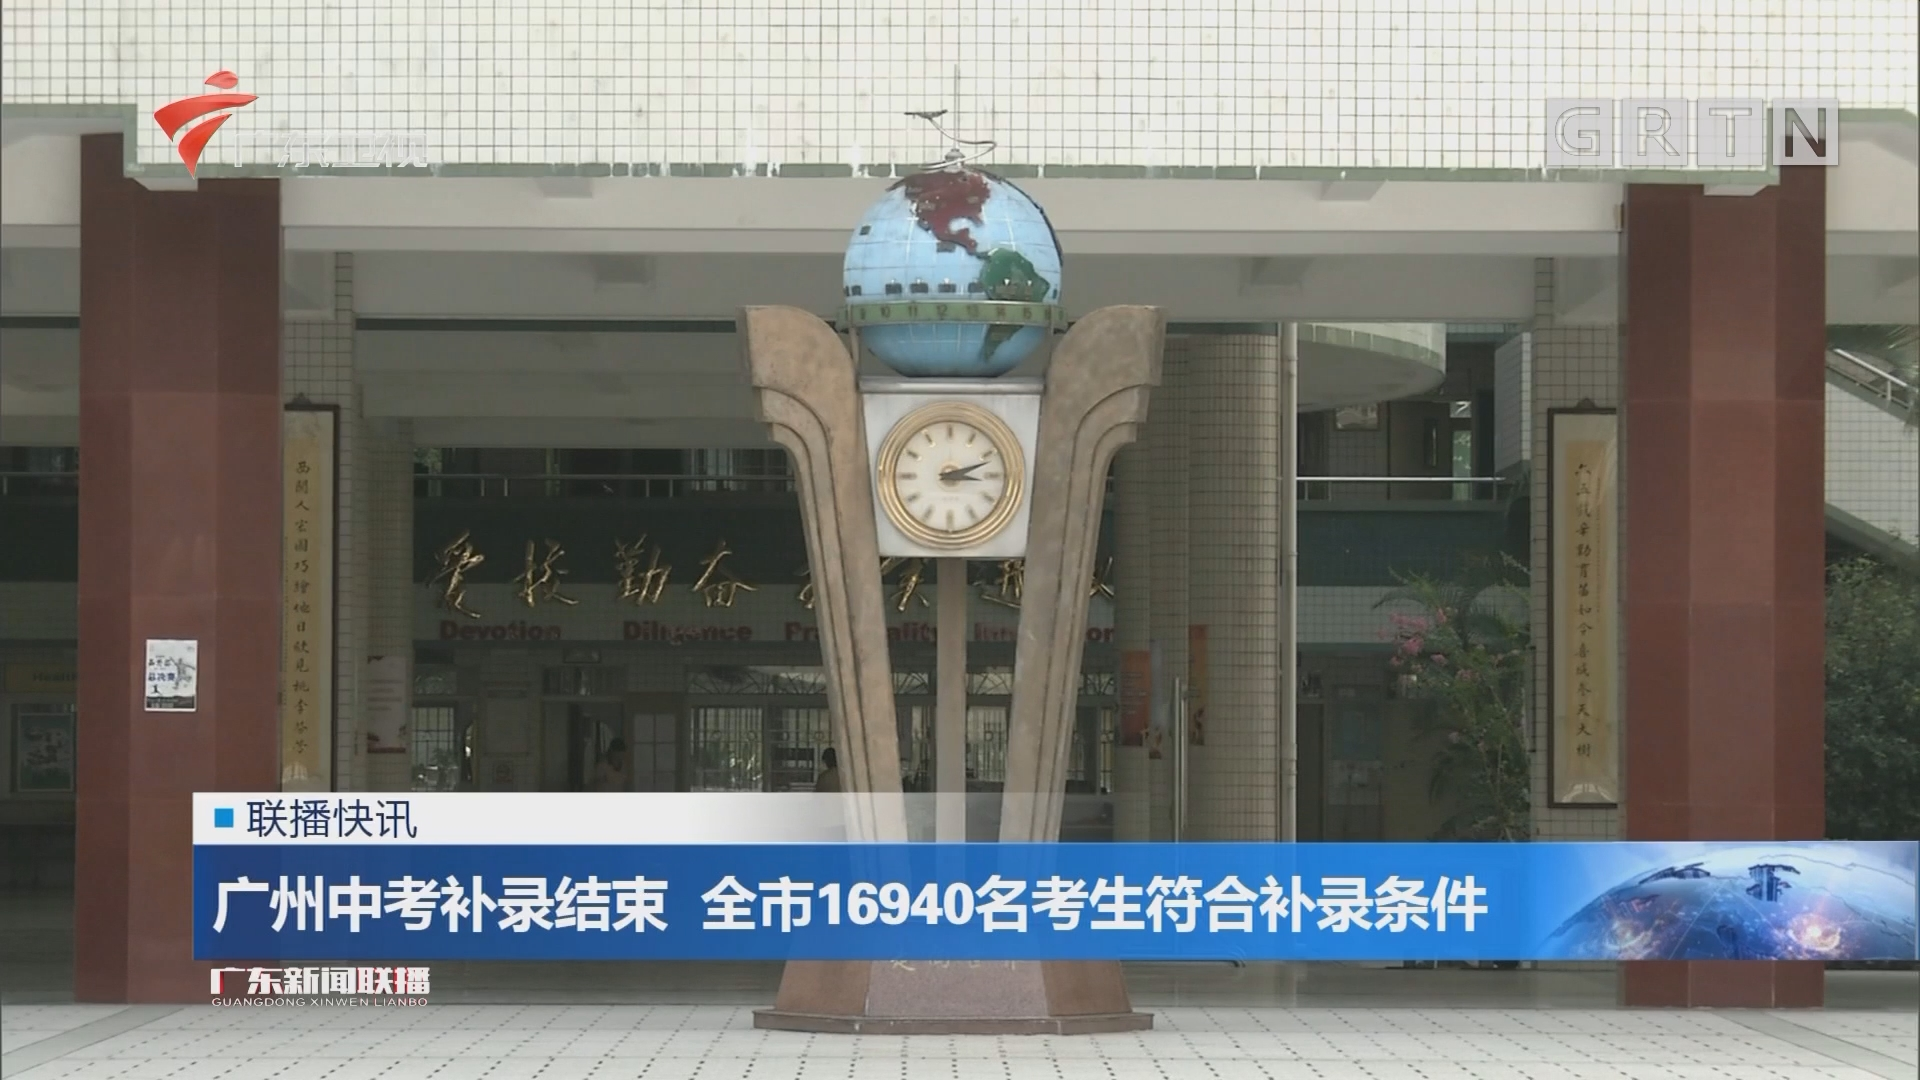 广州中考补录结束 全市16940名考生符合补录条件